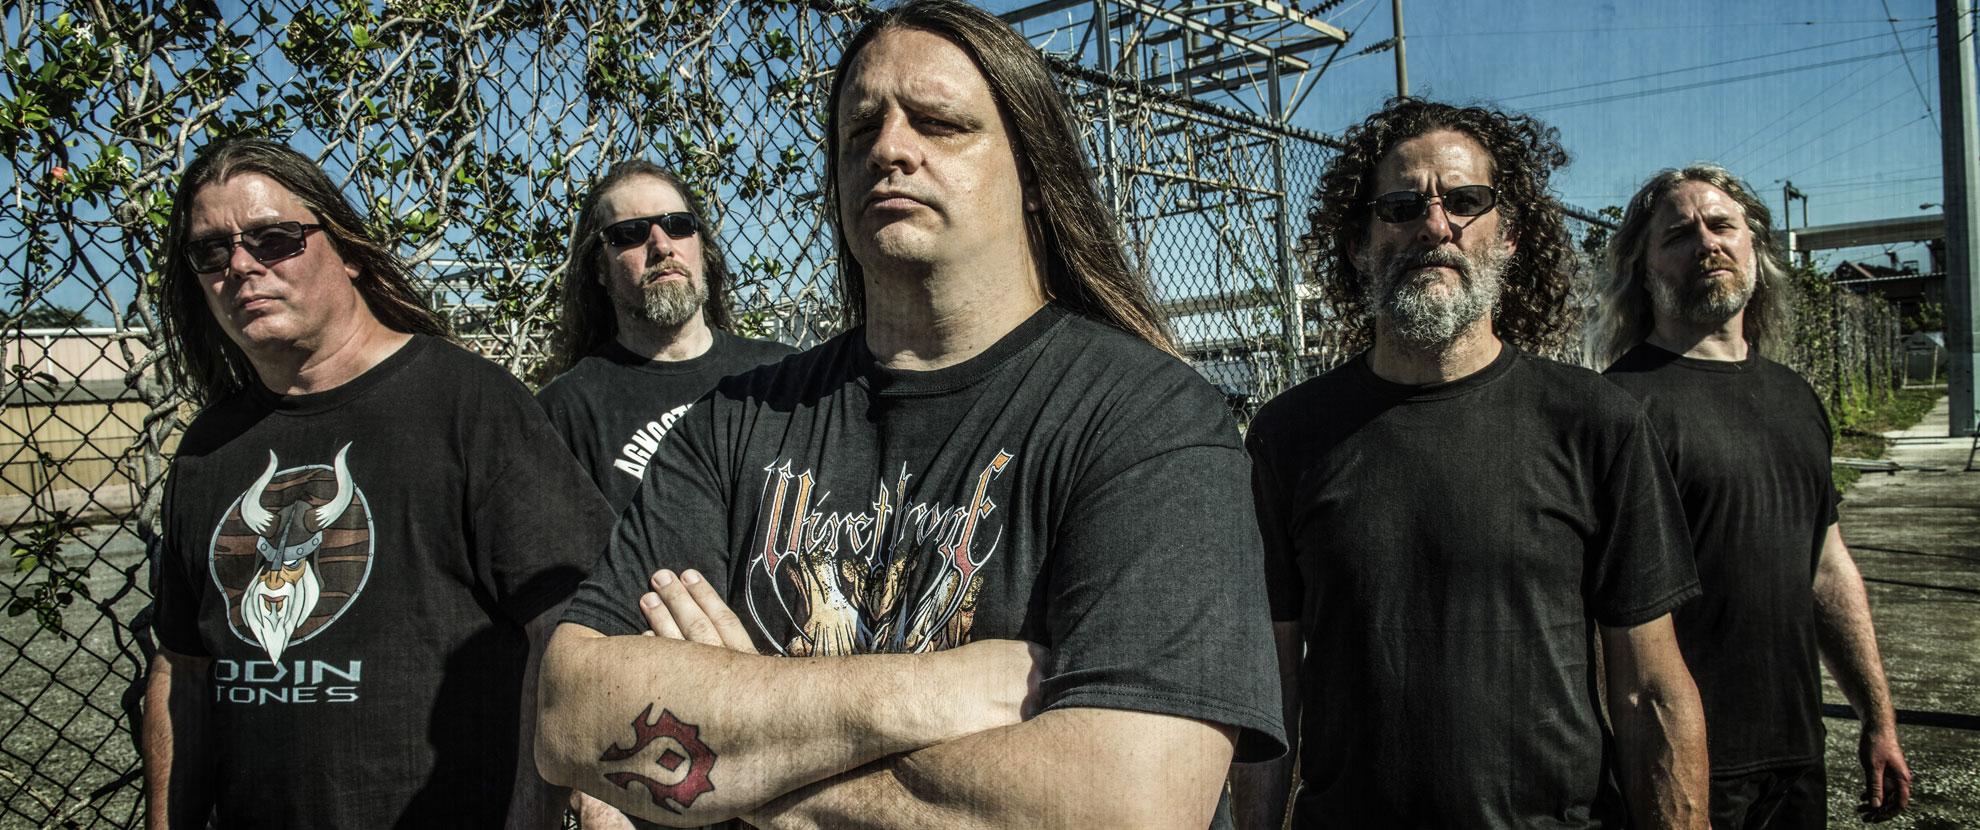 死金巨頭之一 食人殭屍 Cannibal Corpse 公布殘酷的單曲影音 Red Before Black